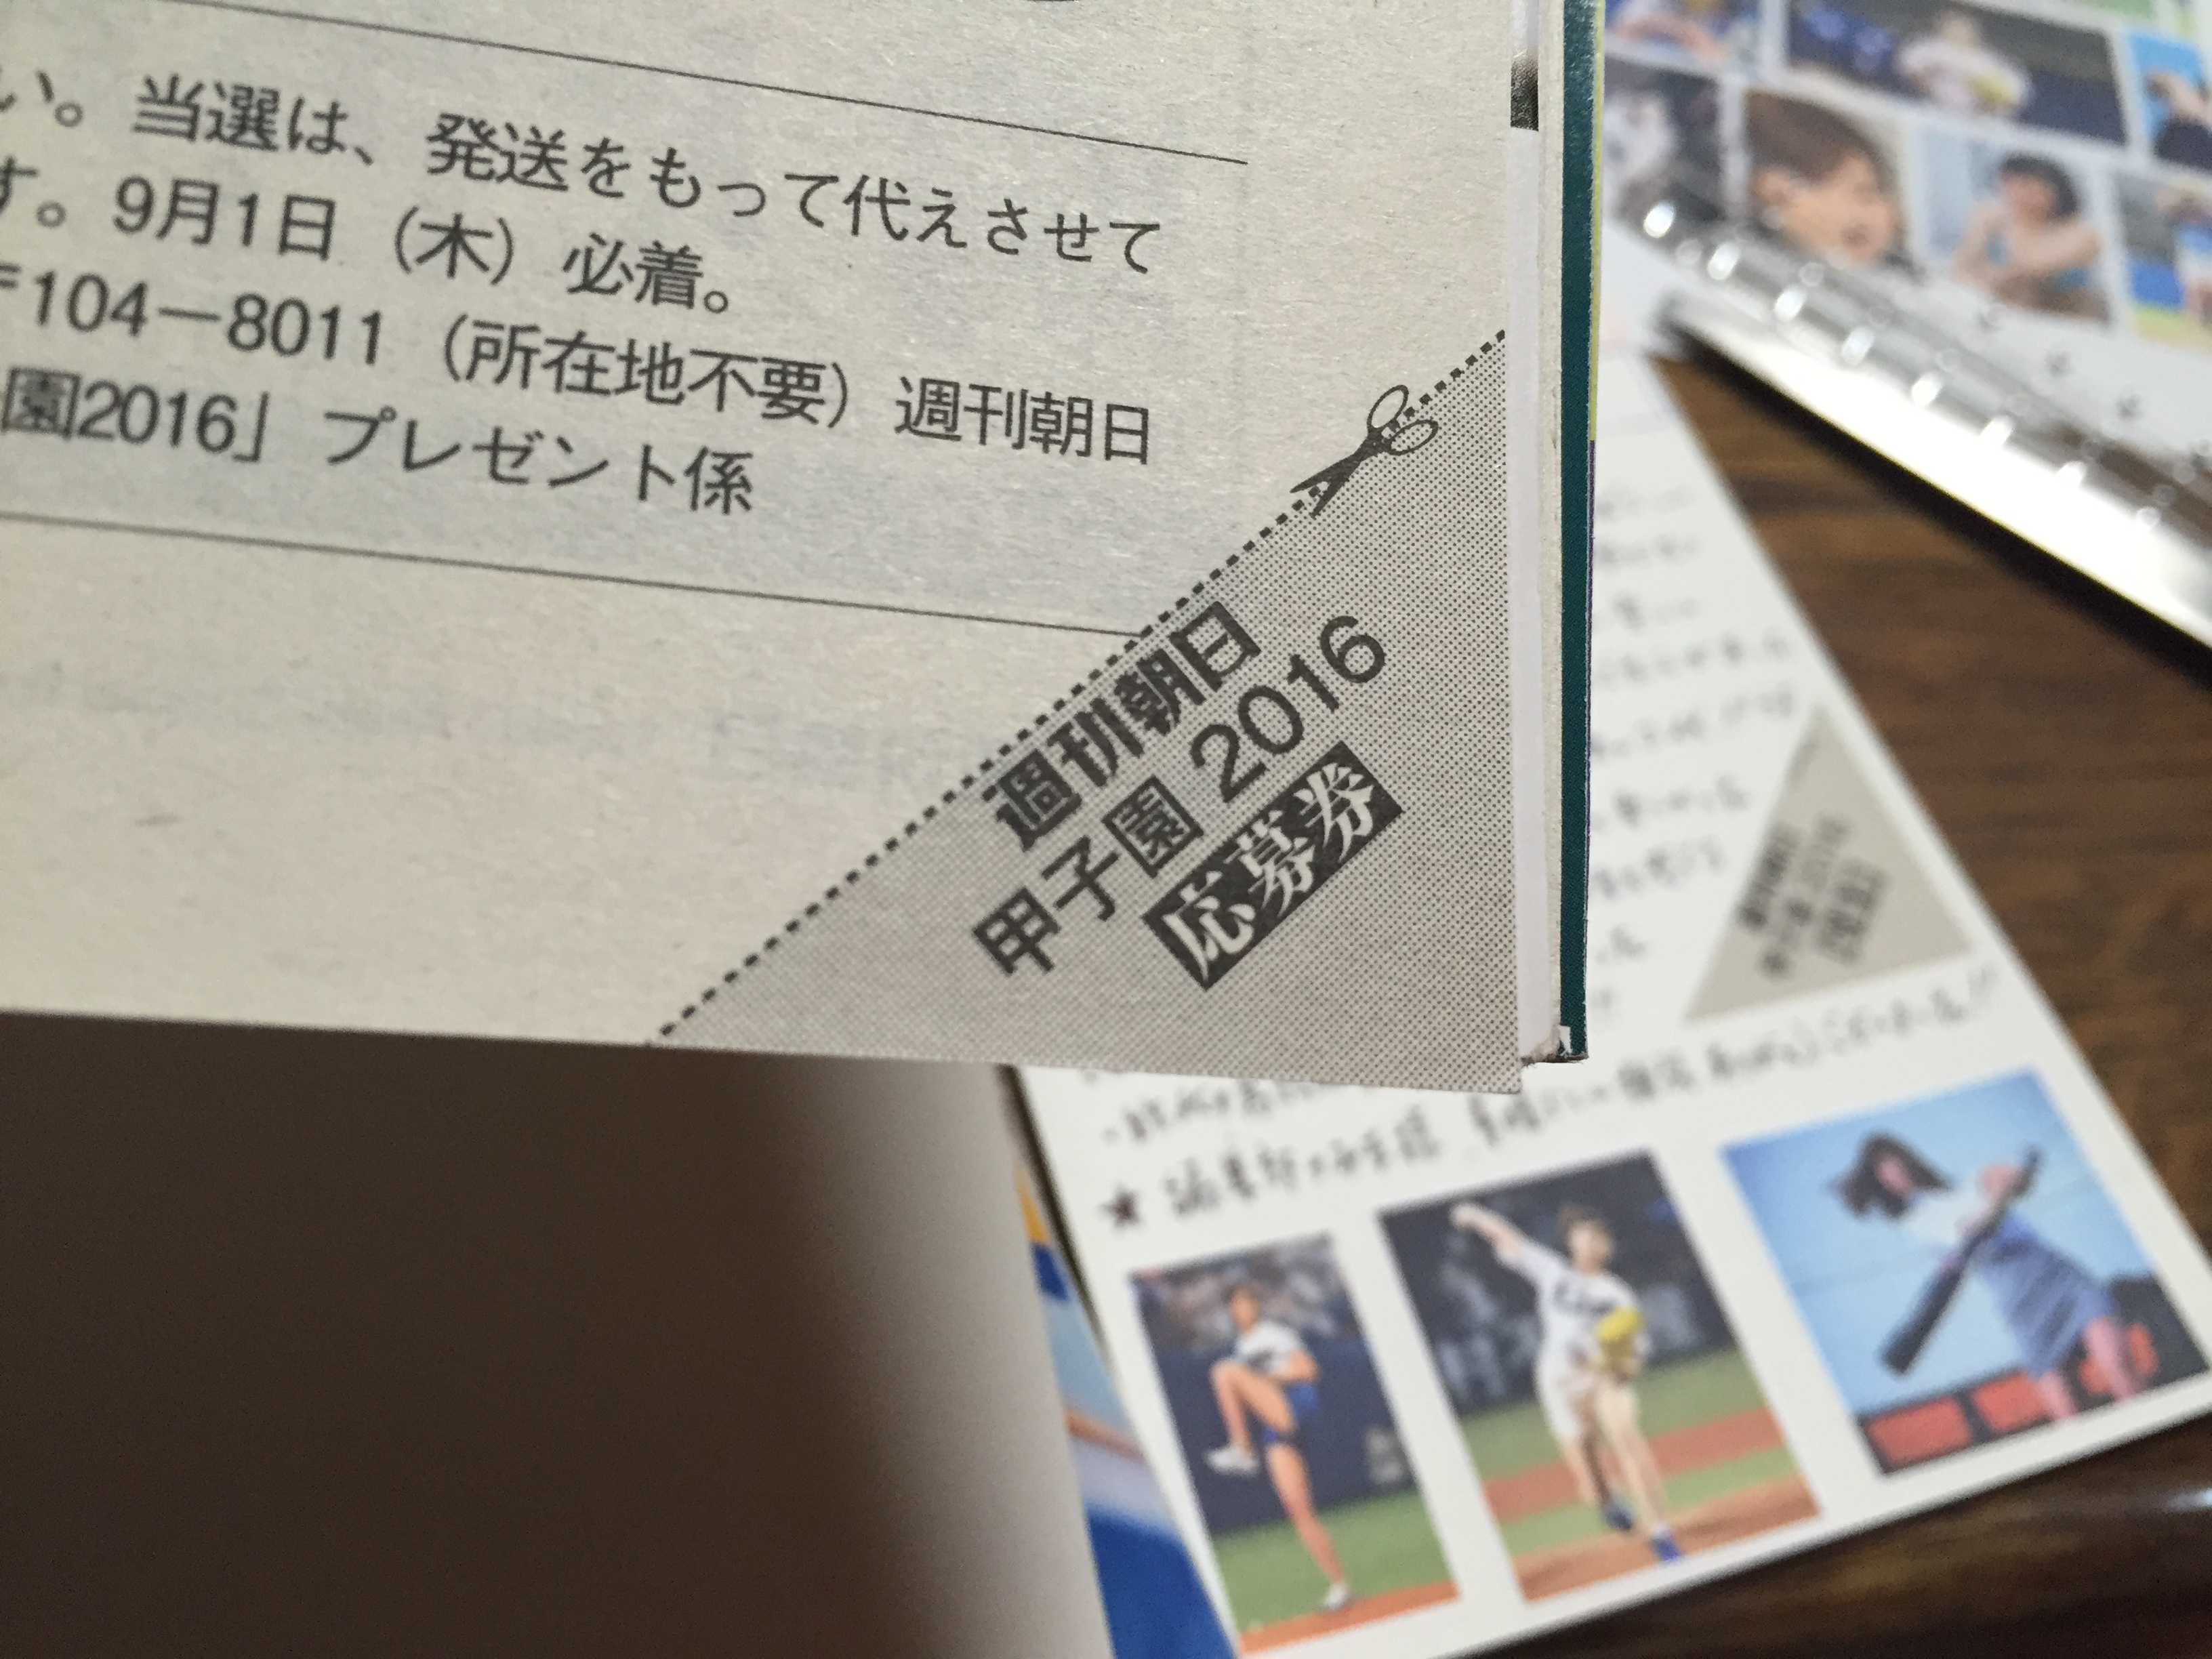 週刊朝日「甲子園2016」のサイン色紙プレゼント 応募券